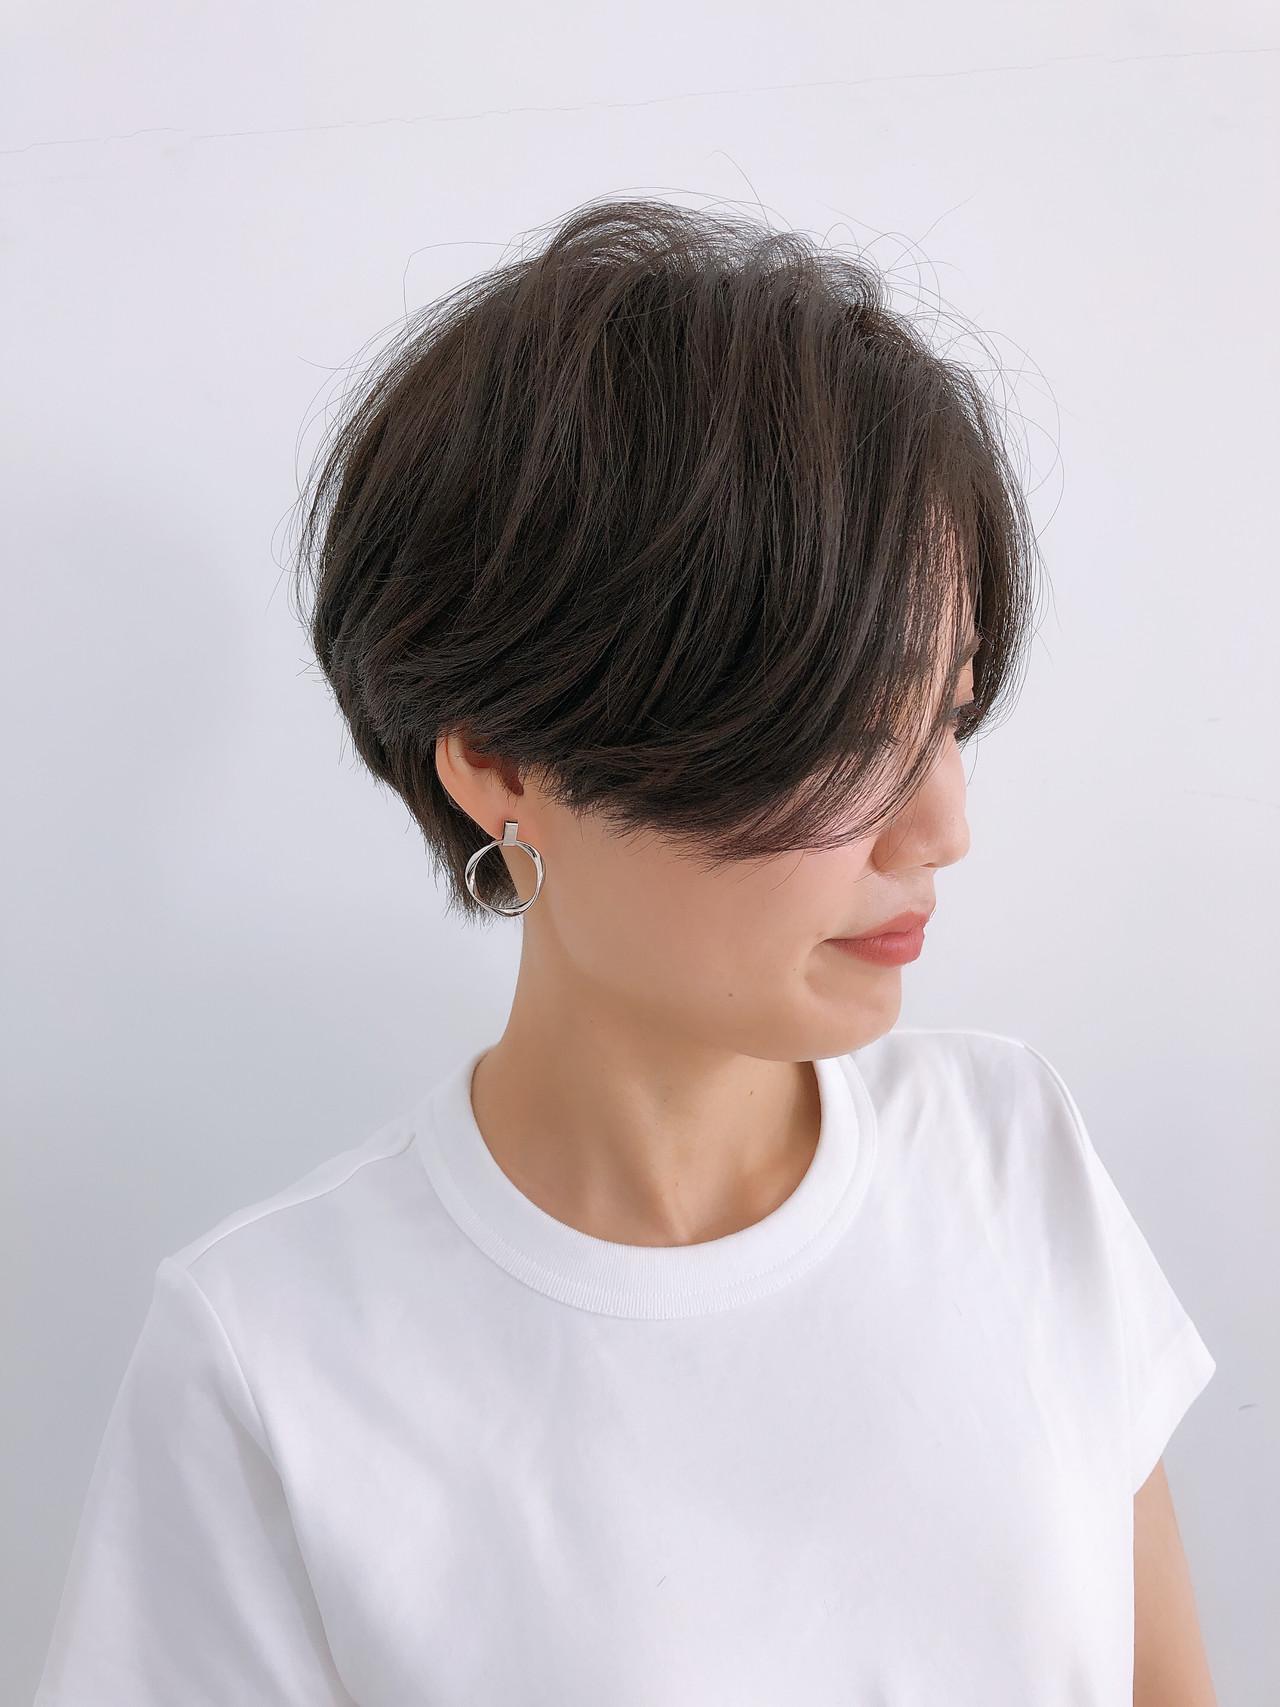 ショート ショートヘア ショートボブ ナチュラル ヘアスタイルや髪型の写真・画像 | ハンサムショート ボブ 今泉孝記 / GRAFF hair 銀座